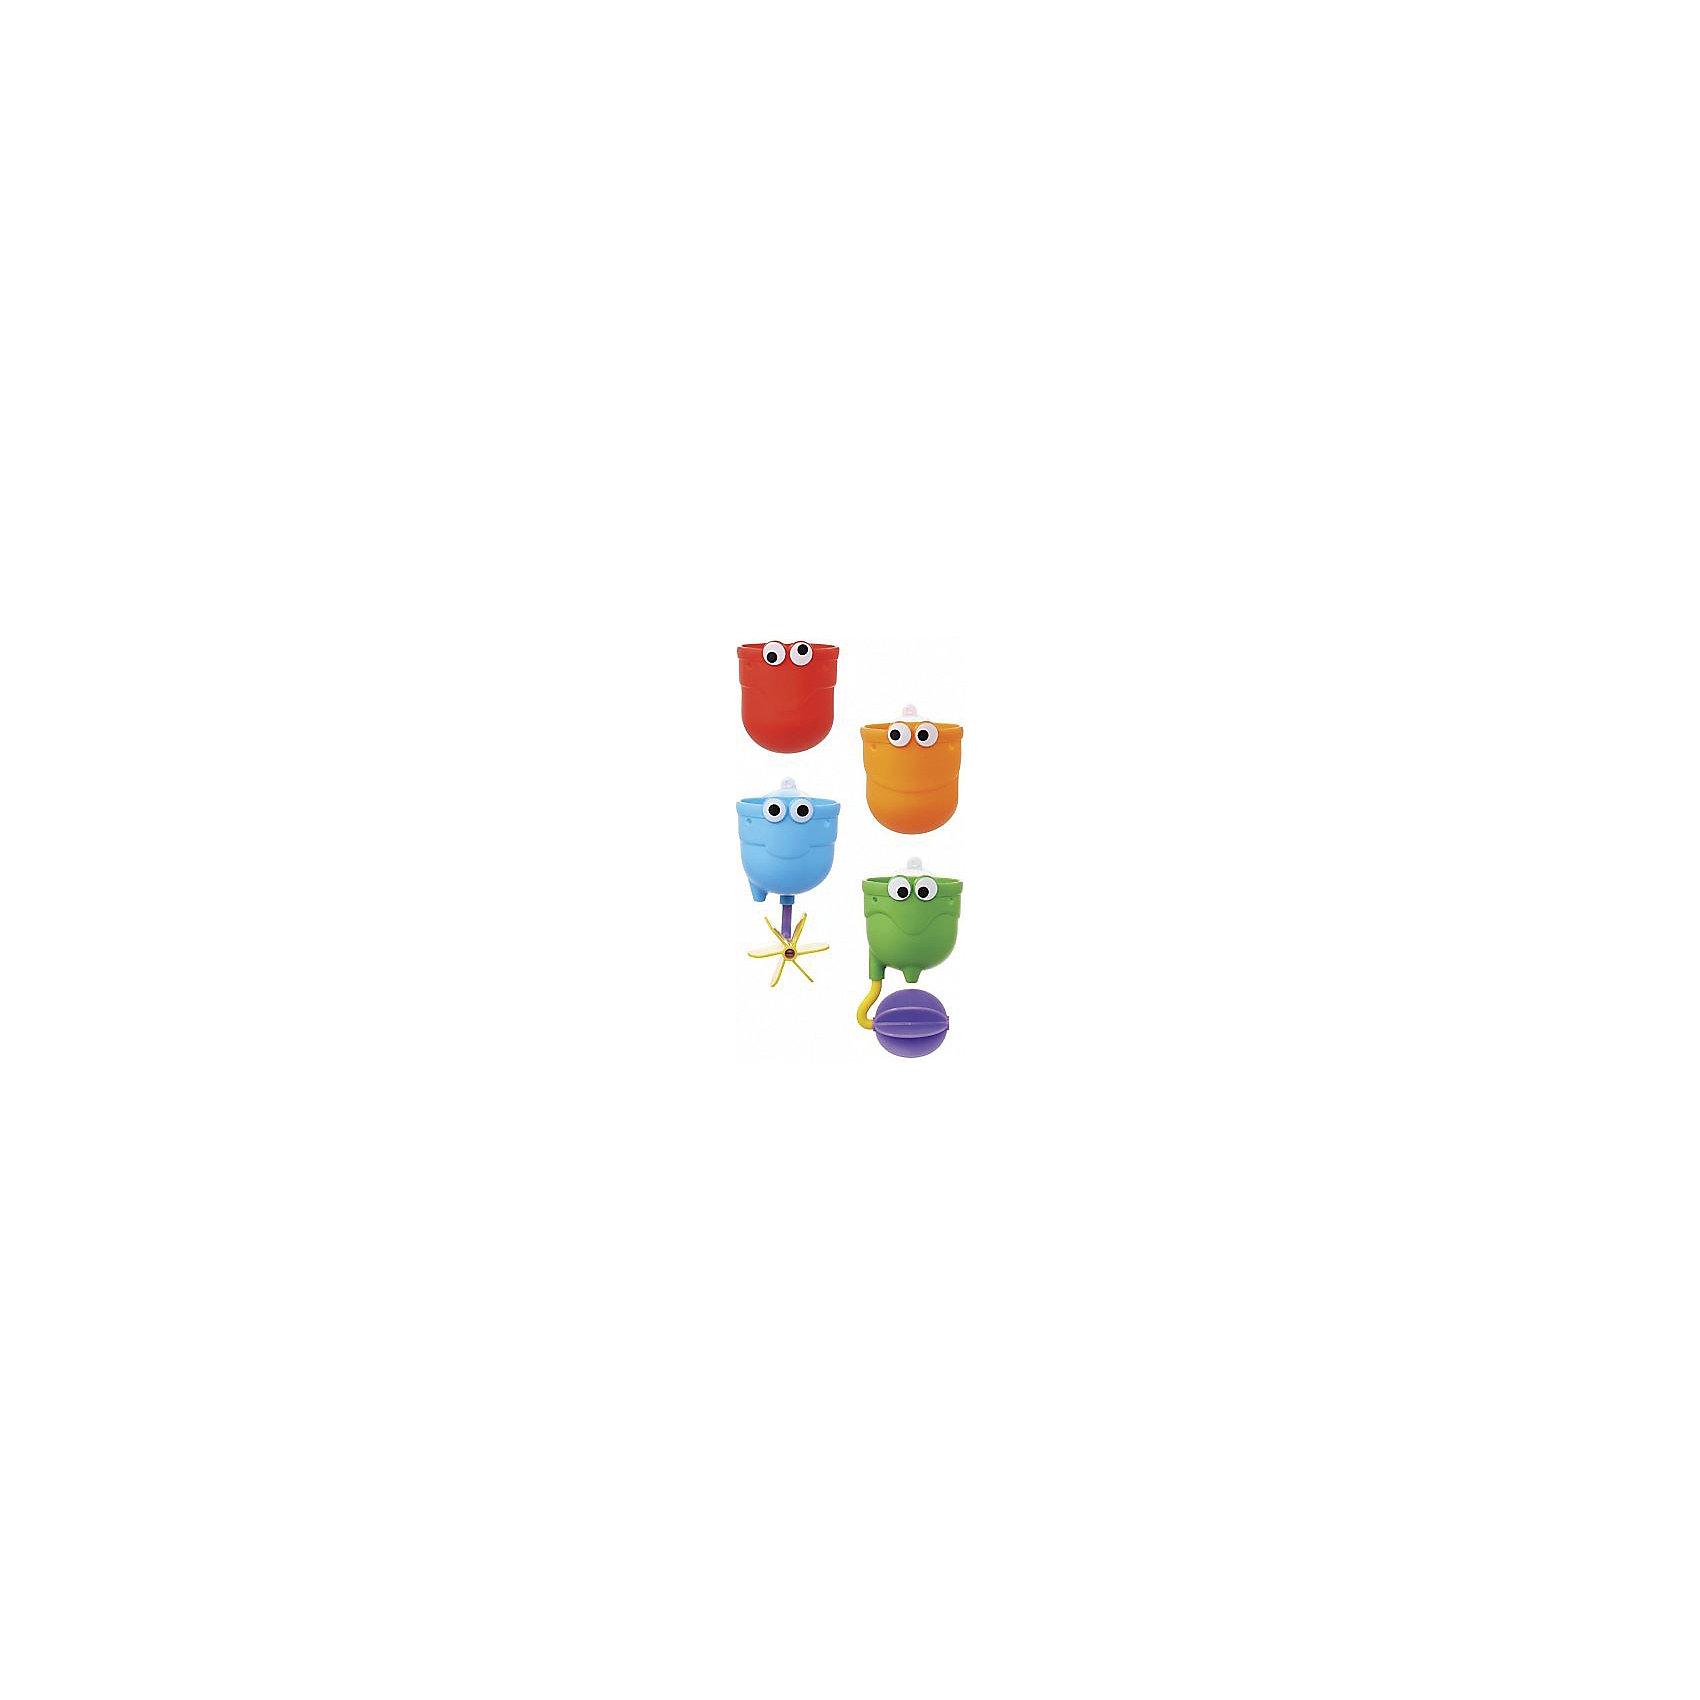 Игрушки для ванны Водопад 12+, MunchkinИгрушки для ванны<br>Игрушки для ванны Водопад 12+, Munchkin (Манчкин) - непременно понравится вашему малышу и превратит купание в веселую игру!<br>С игрушкой для ванной Водопад от Munchkin (Манчкин) можно легко устроить настоящий водопад в собственной ванной! Купание станет гораздо веселее, если прикрепить над ванной красочные чашечки и следить, как через них замысловато переливается вода. Три чашечки из комплекта легко крепятся на стену с помощью специальной присоски, каждая из них имеет специальный подвижный элемент, который направляет струю воды и делает игру гораздо увлекательнее. Четвертая чашка предназначена для того, чтобы малыш зачерпывал ею воду. Игрушки можно установить по вертикали в одну линию, чтобы устроить непрерывный водопад, или разместить их так, чтобы вода стекала хаотично. Крепятся на стену в ванной с помощью удобных присосок. Способствуют развитию мелкой моторики, фантазии, логического мышления. Миссия Munchkin (Манчкин), американской компании с 20-летней историей: избавить мир от надоевших и прозаических товаров, искать умные инновационные решения, которые превращает обыденные задачи в опыт, приносящий удовольствие. Понимая, что наибольшее значение в быту имеют именно мелочи, компания создает уникальные товары, которые помогают поддерживать порядок, организовывать пространство, облегчают уход за детьми – недаром компания имеет уже более 140 патентов и изобретений, используемых в создании ее неповторимой и оригинальной продукции. Munchkin (Манчкин) делает жизнь родителей легче!<br><br>Дополнительная информация:<br><br>- Для детей с 12 месяцев<br>- В наборе: 4 чашечки<br>- Удобная форма для маленьких ручек<br>- Материал: пластмасса<br>- Размер упаковки: 7х22х25 см.<br>- Вес: 170 гр.<br><br>Игрушки для ванны Водопад 12+, Munchkin (Манчкин) можно купить в нашем интернет-магазине.<br><br>Ширина мм: 70<br>Глубина мм: 220<br>Высота мм: 250<br>Вес г: 170<br>Возраст от месяцев: 12<br>Возраст до месяцев: 36<br>Пол: